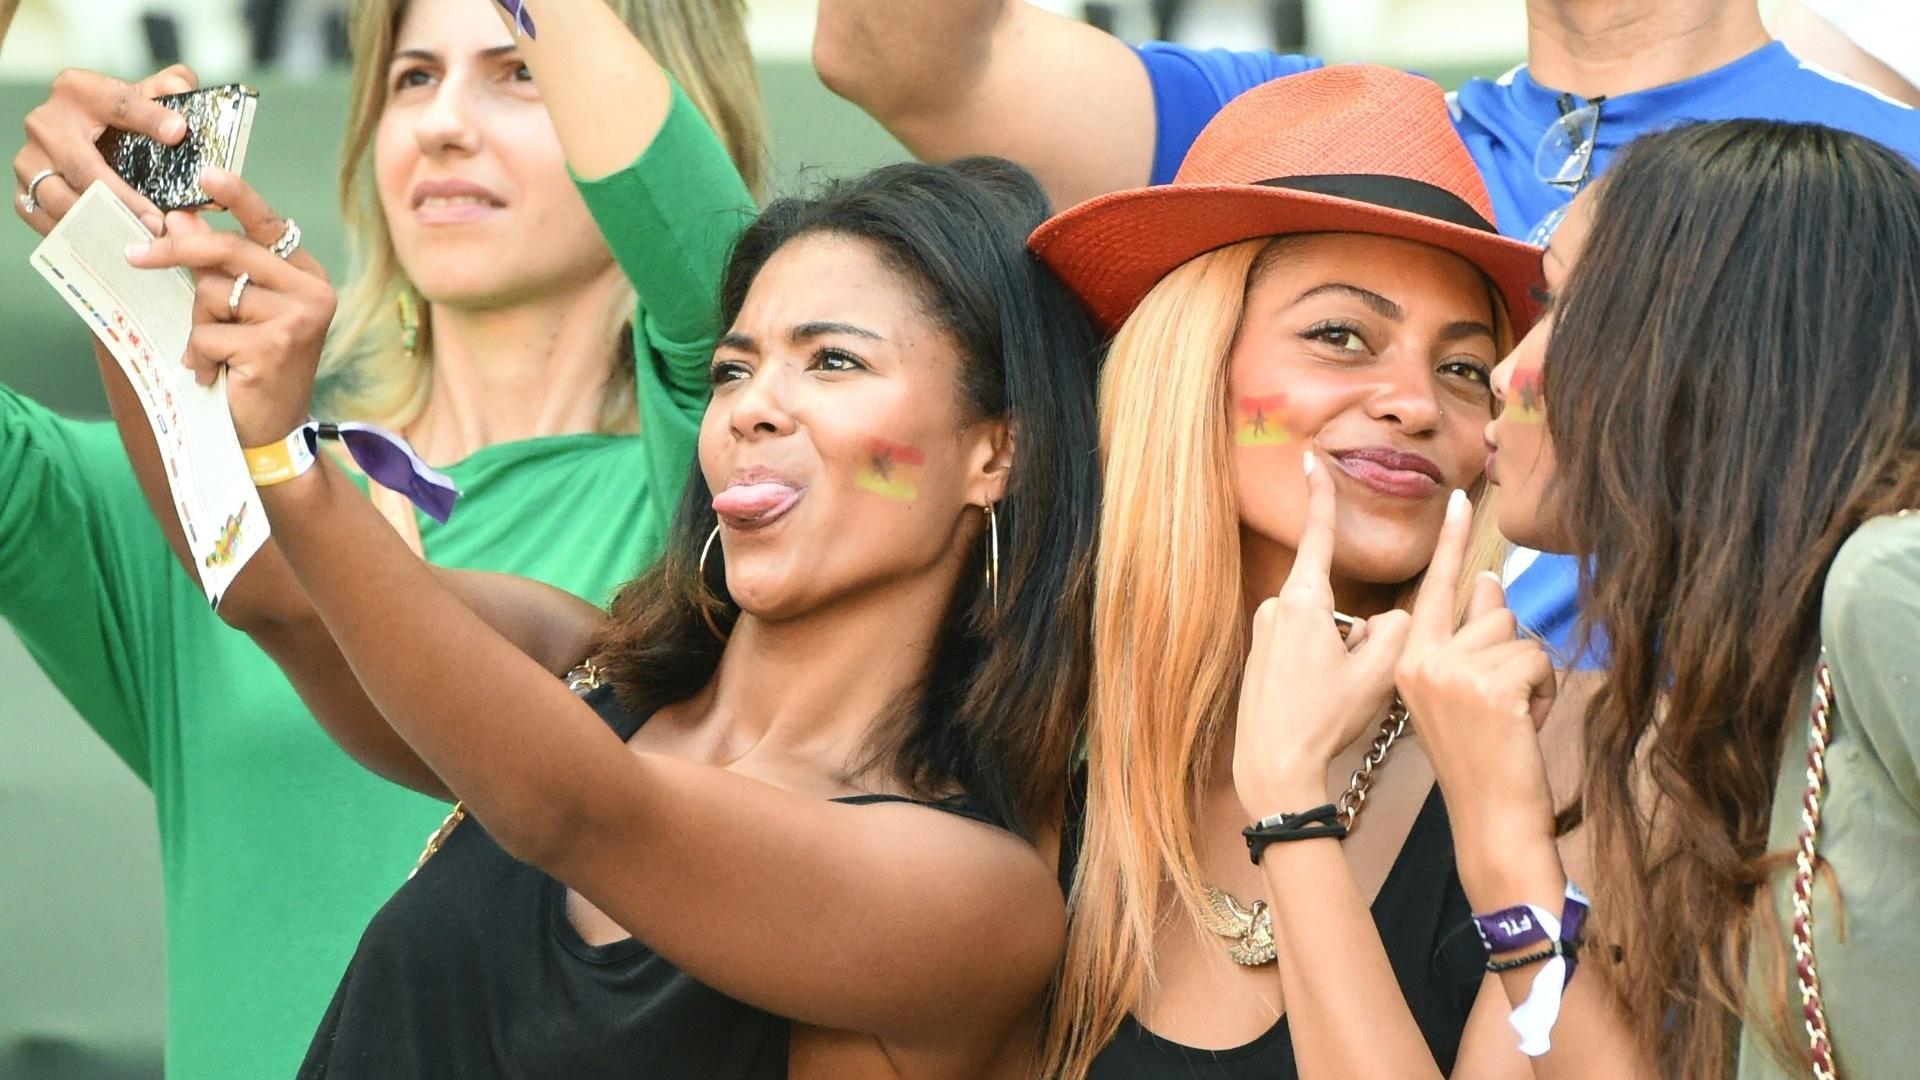 21.06.2014 - Torcedoras de Gana tiram selfie durante o jogo contra a Alemanha